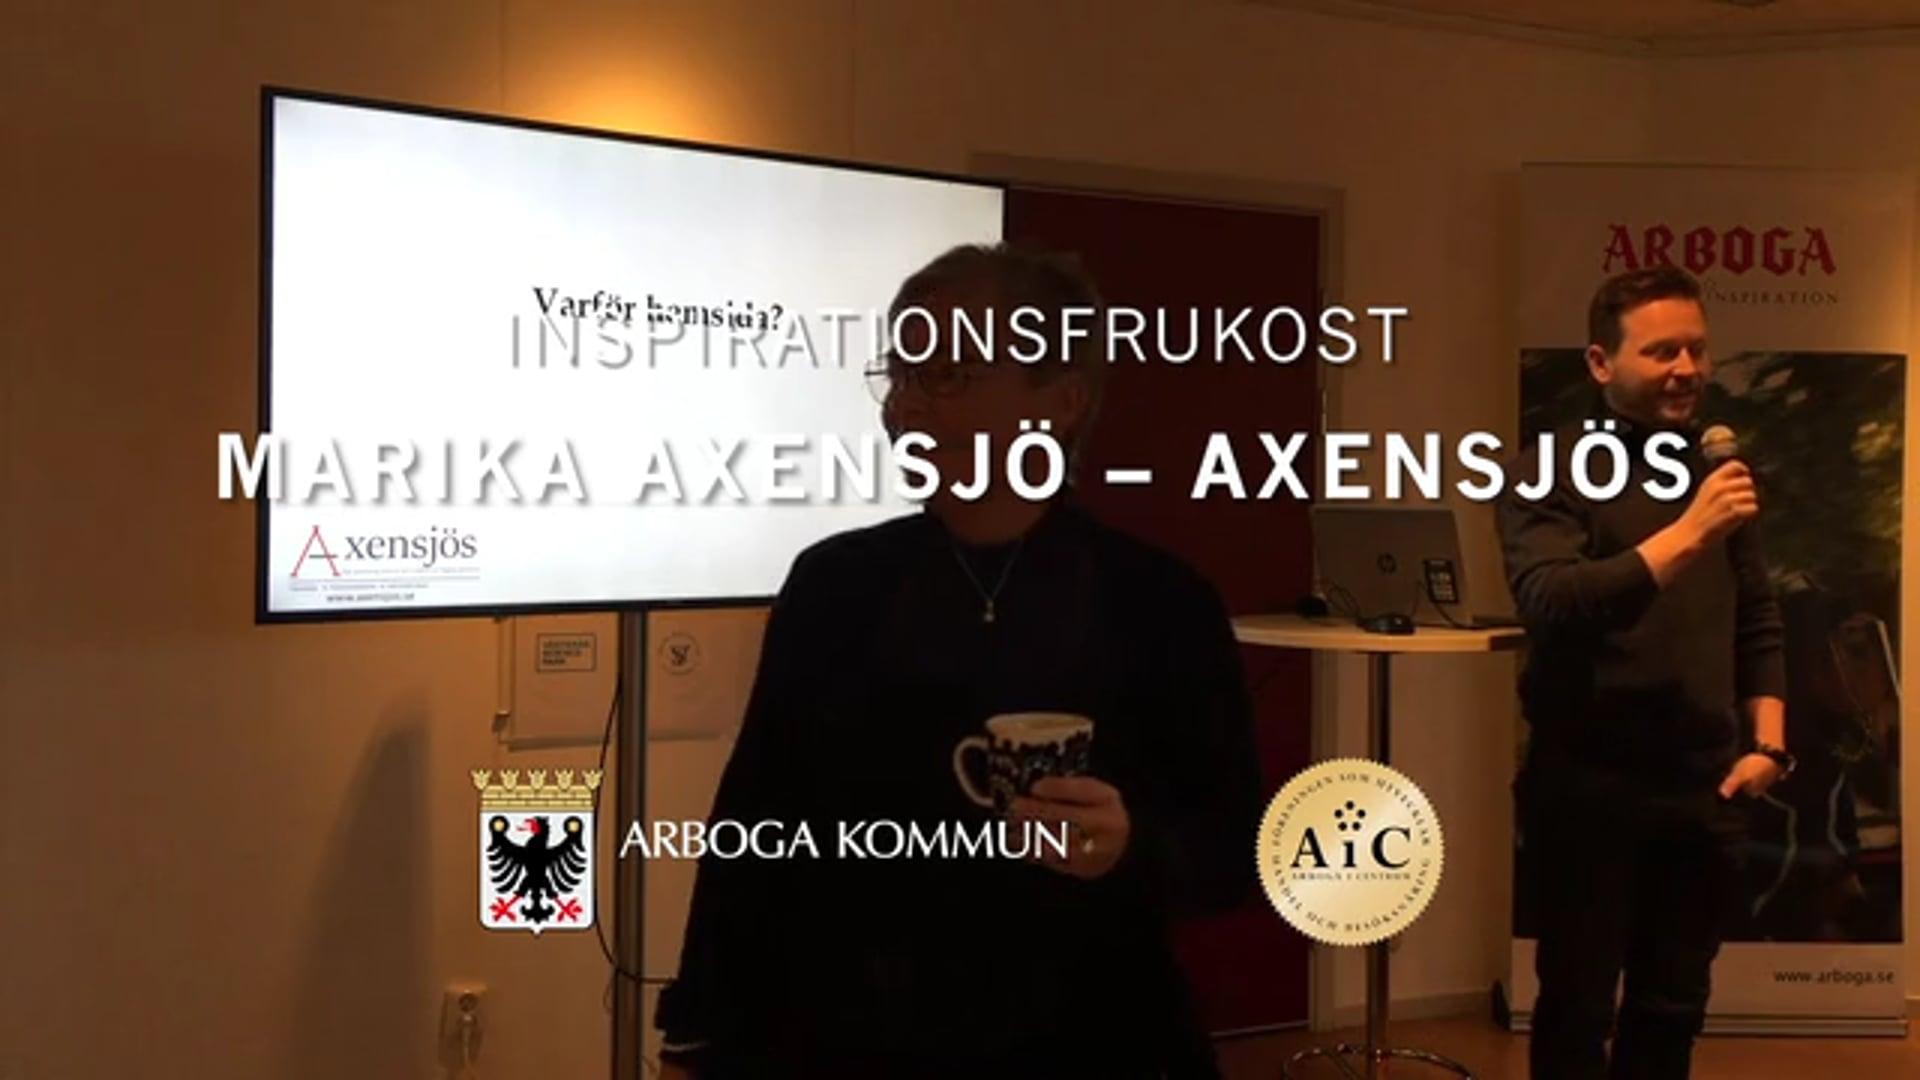 Inspirationsfrukost november 2019 - Marika Axensjö